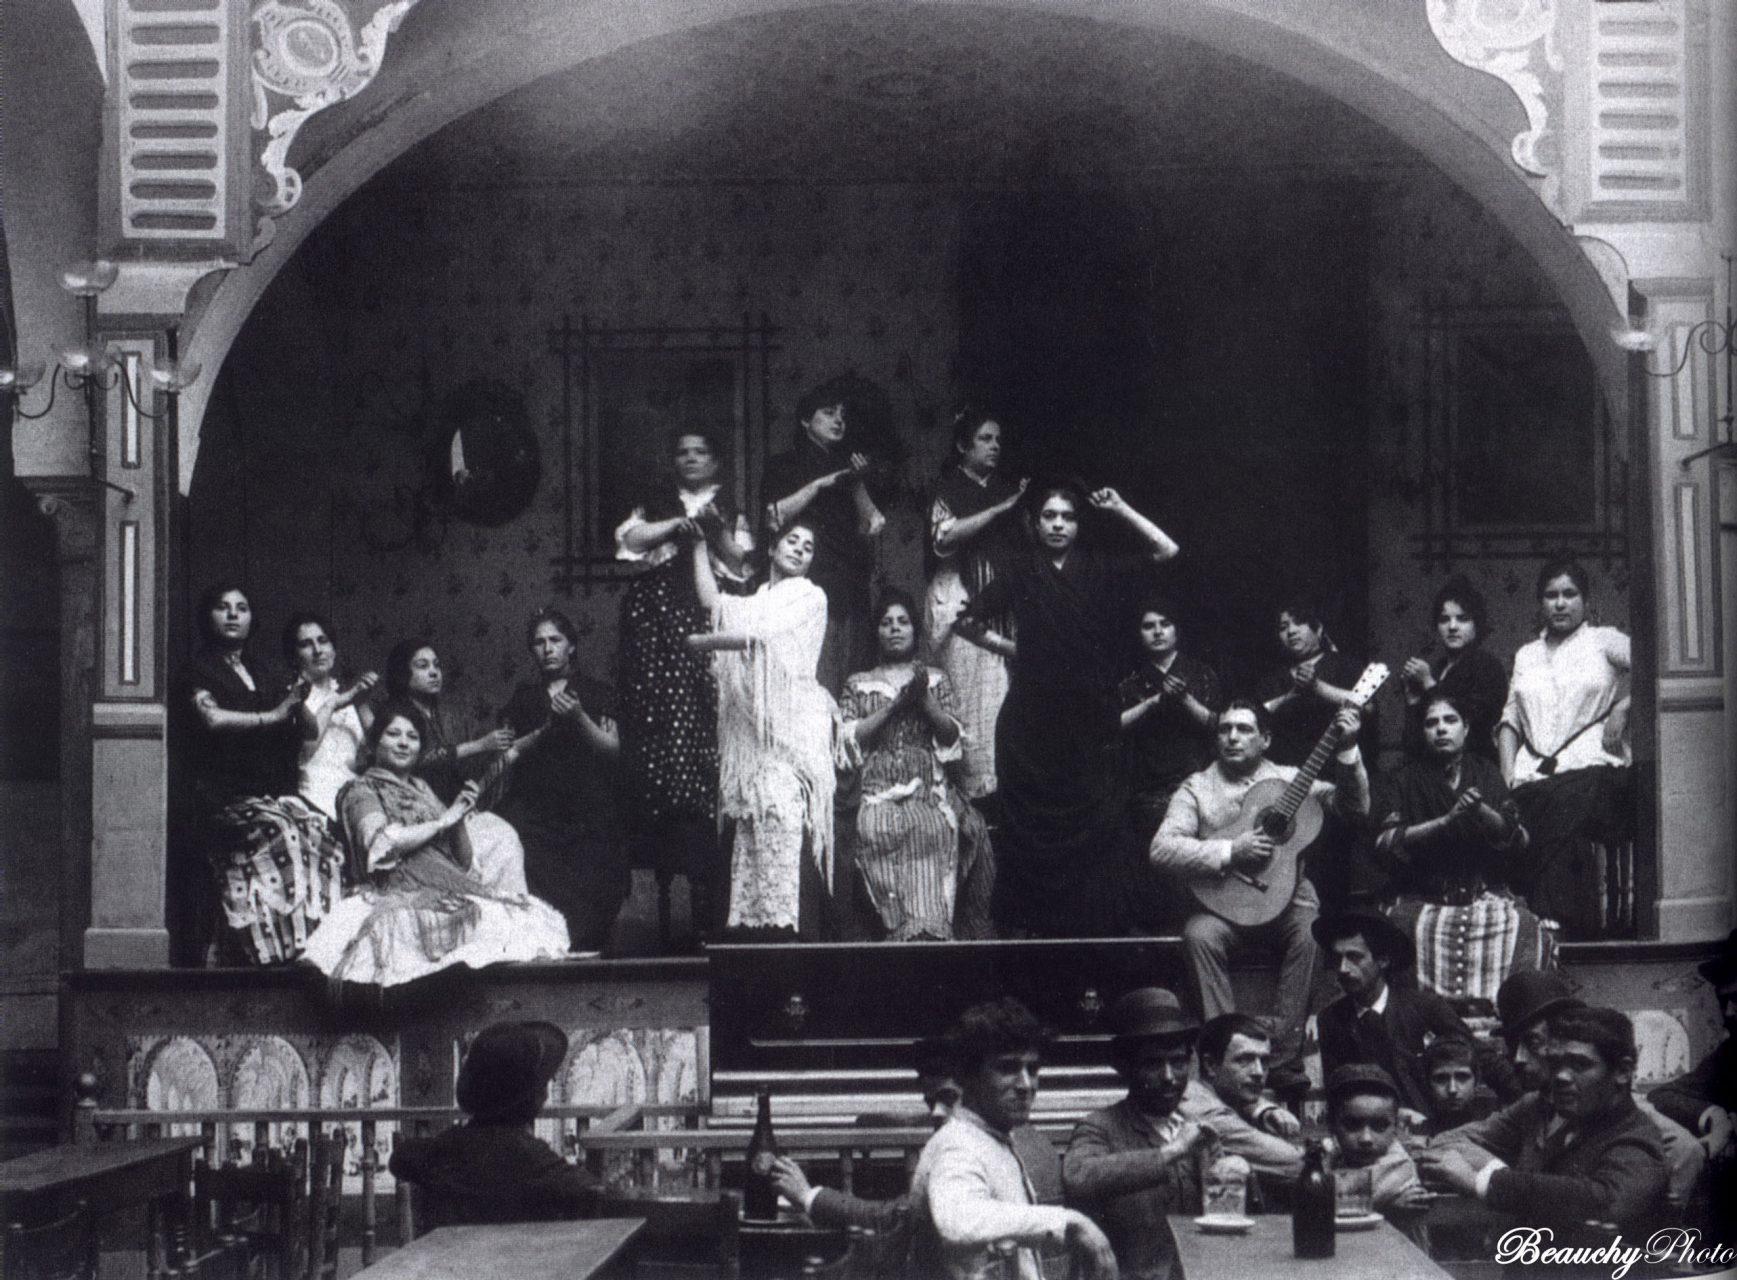 Fotografía Café Cantante El Burrero de Emilio Beauchy Cano (1885-1888), Colección Teixidor